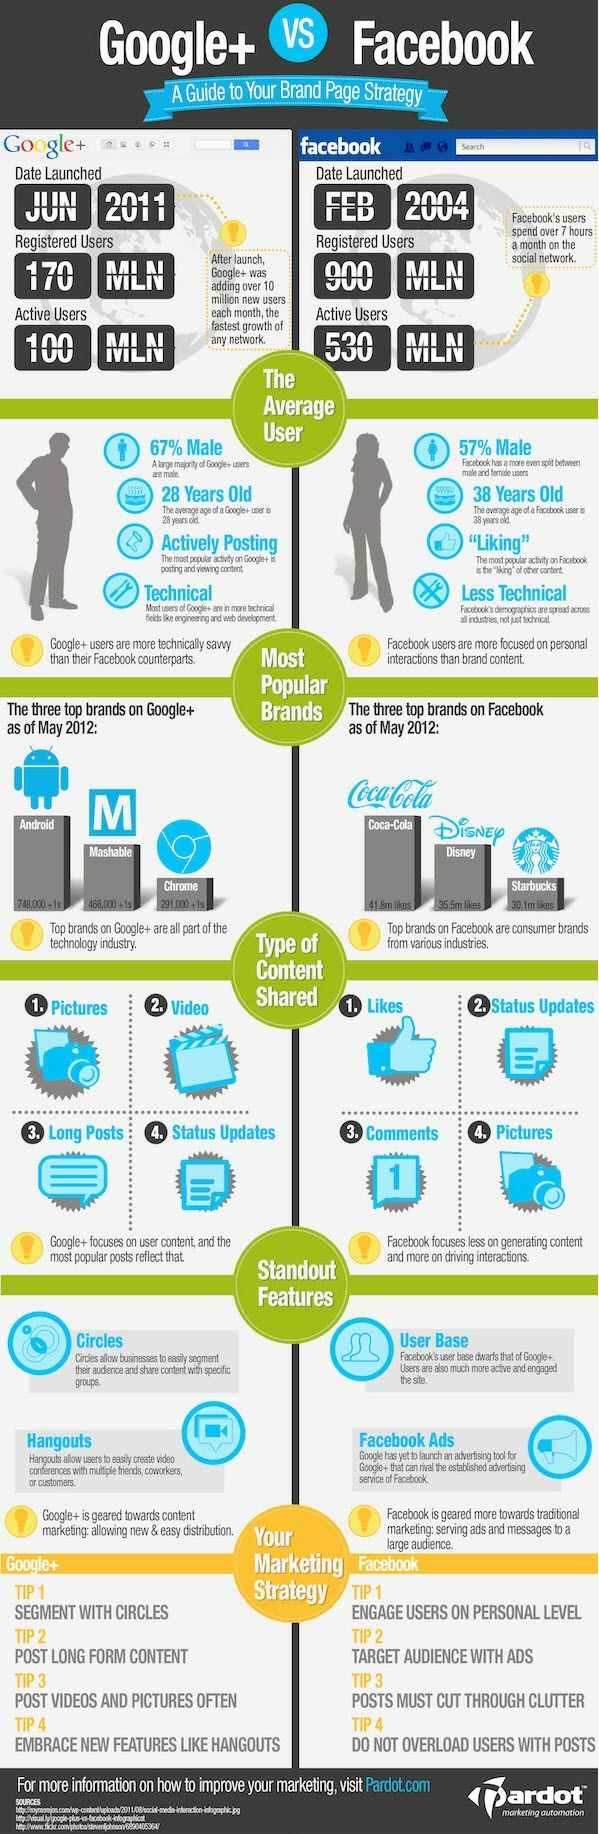 Interessanter Vergleich: Google+-vs-Facebook    Aber kann sich Google+ wirklich gegen Facebook behaupten? #hmmh #socialmedia